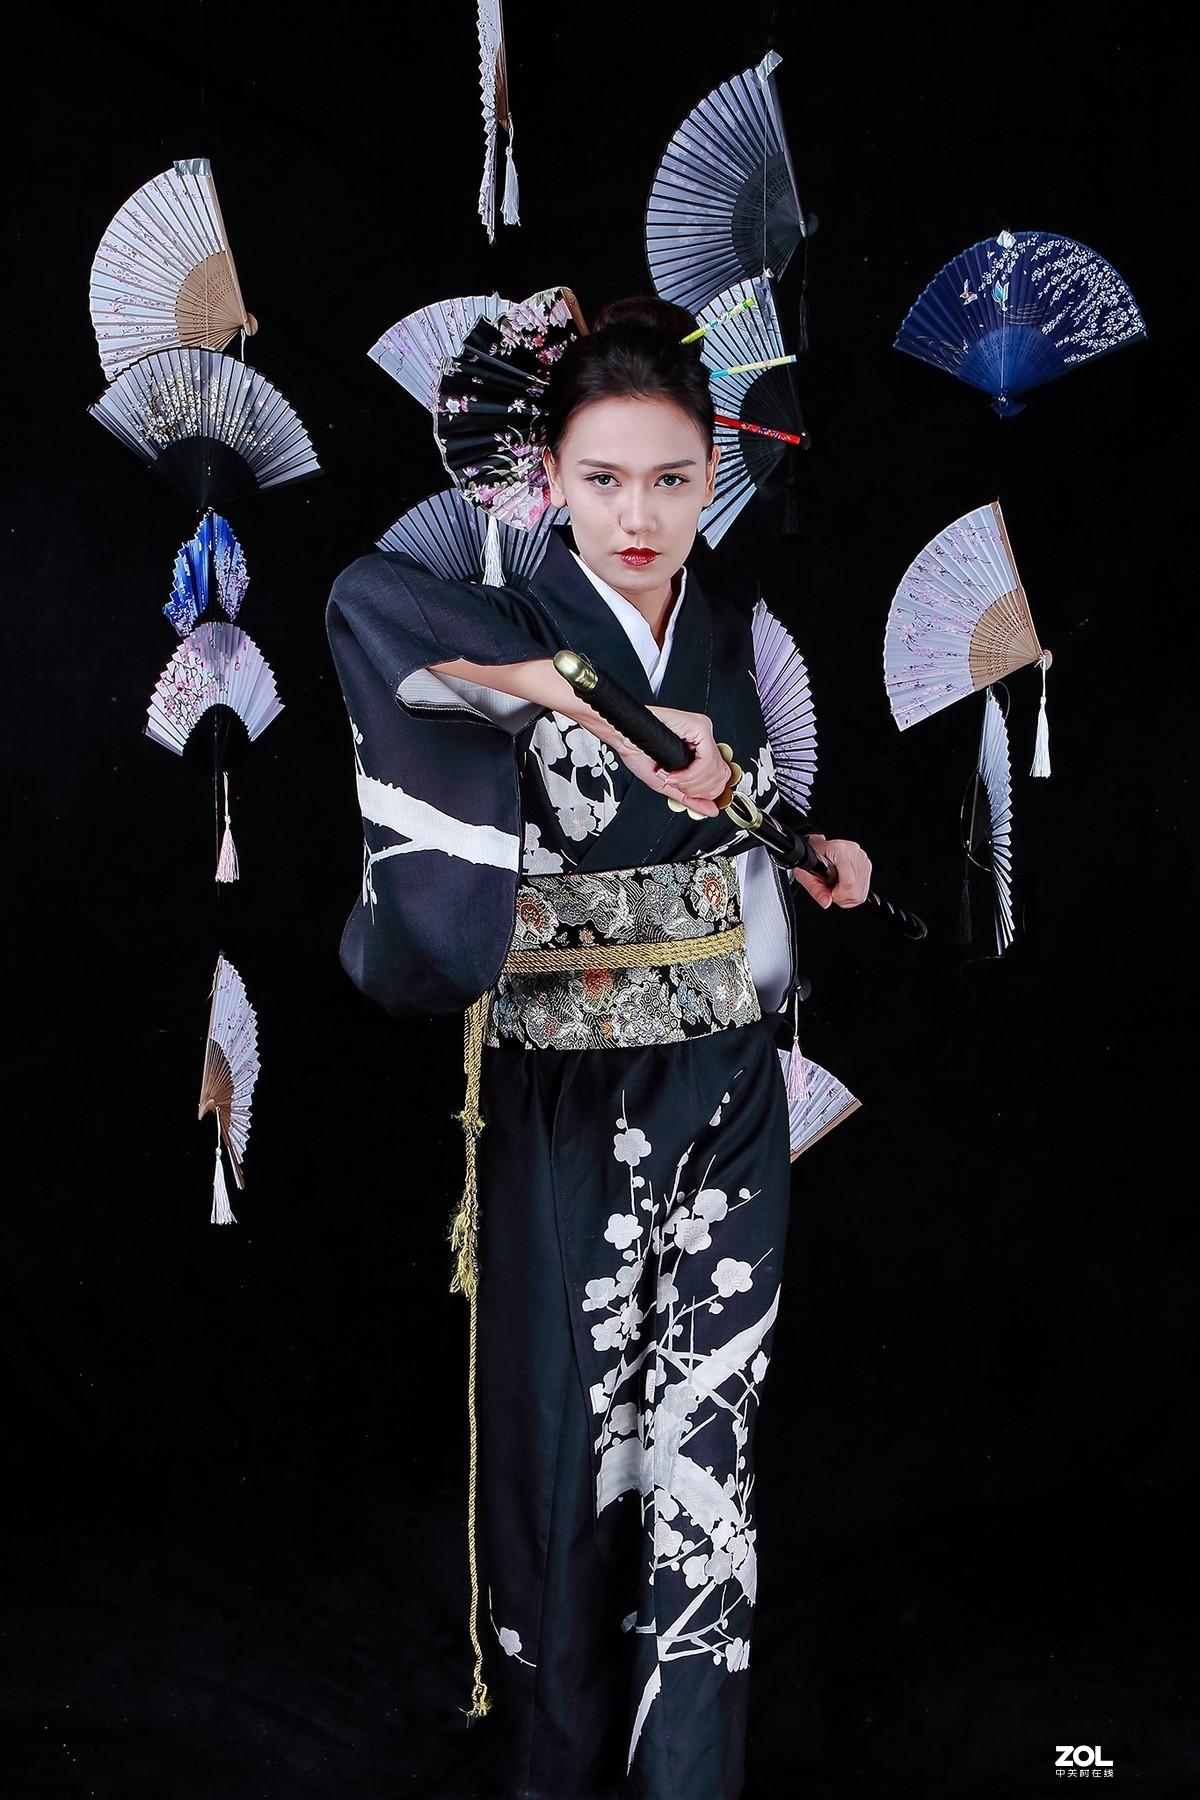 #回顾2019#光影女武士